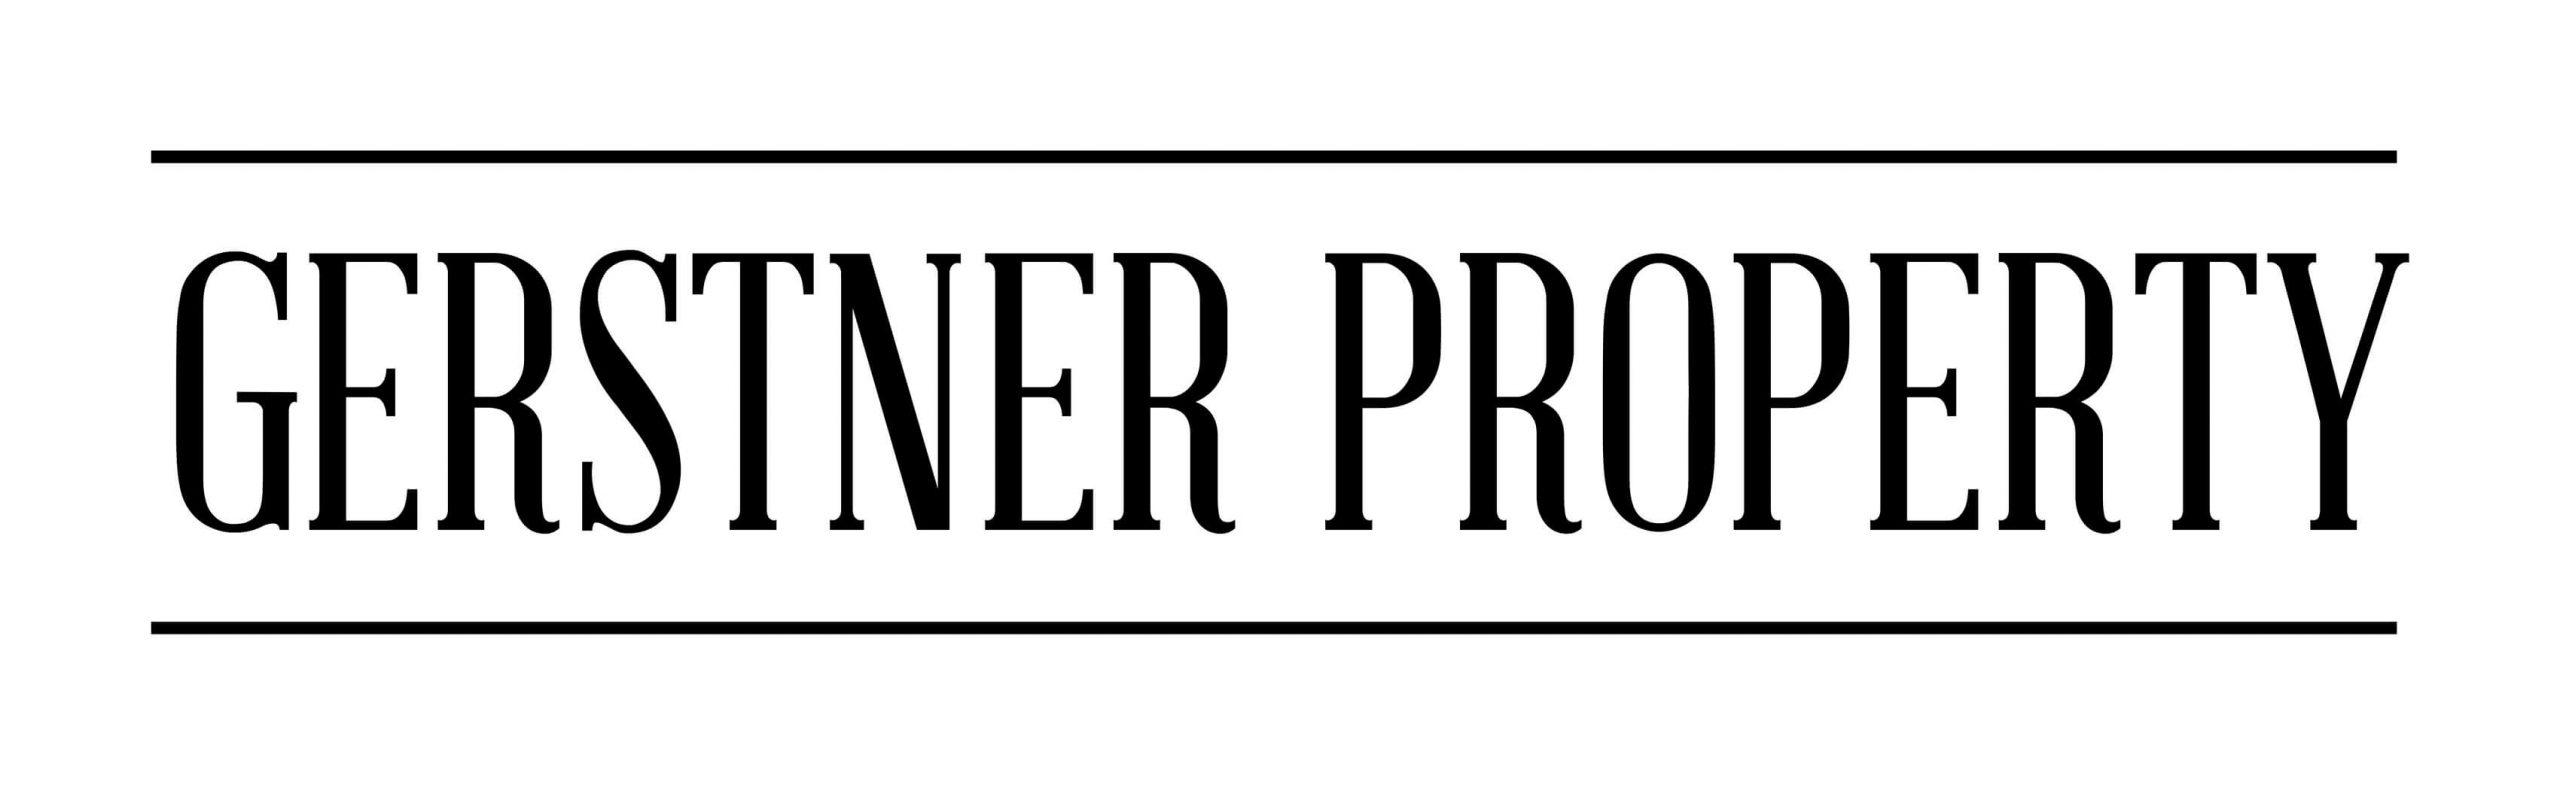 Gerstner Property